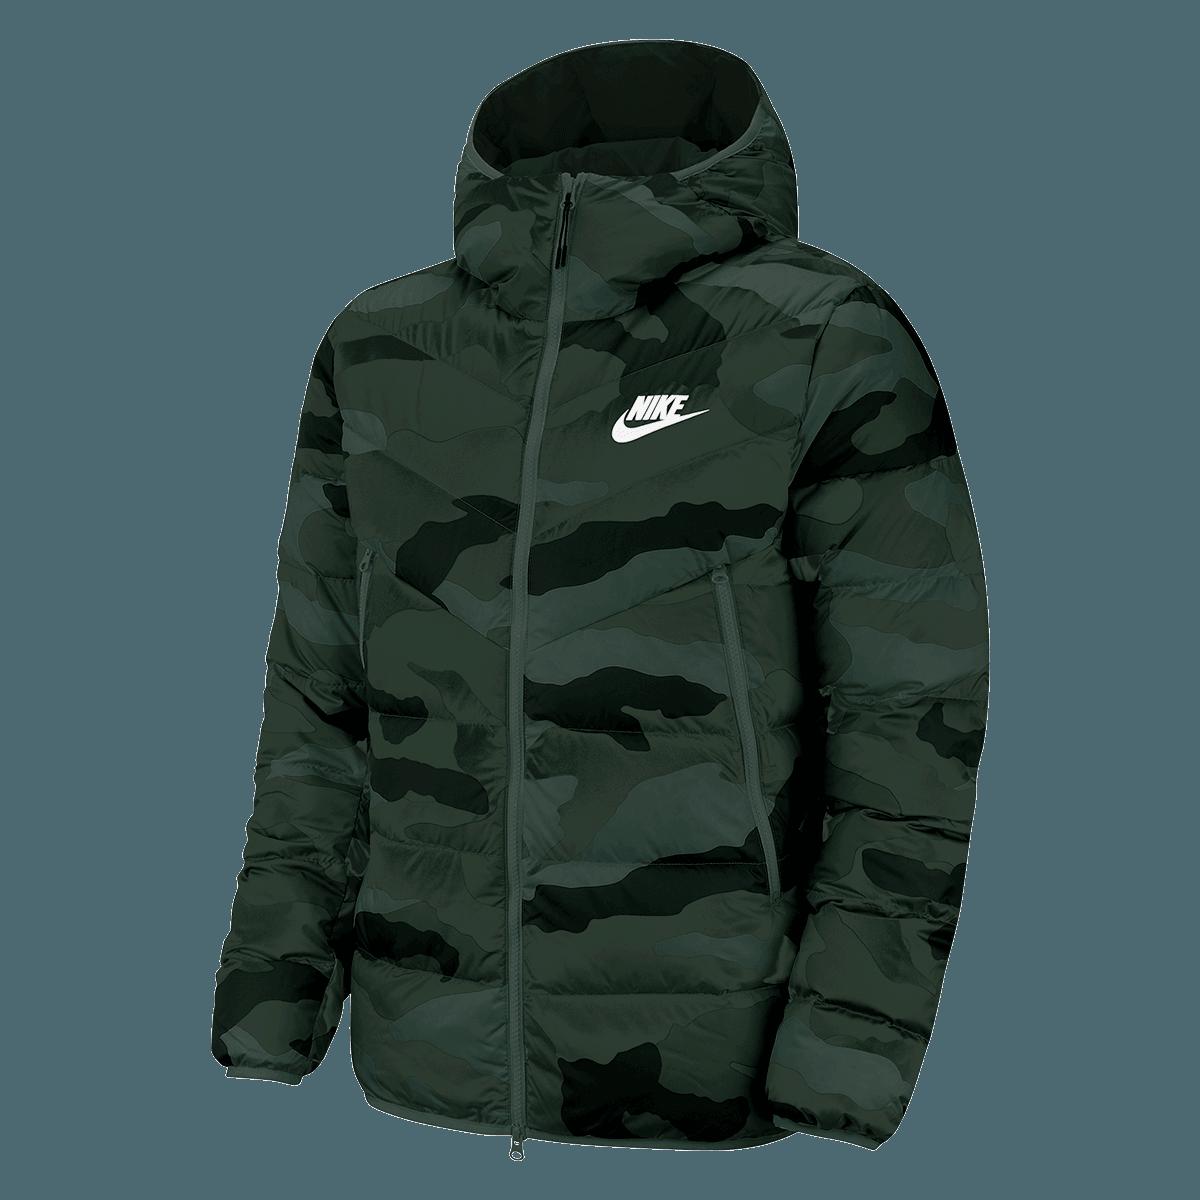 Sportswear Nike Dunkelgrünschwarz Fill Daunenjacke Jacket Down Windrunner Aop Wr nm8wN0